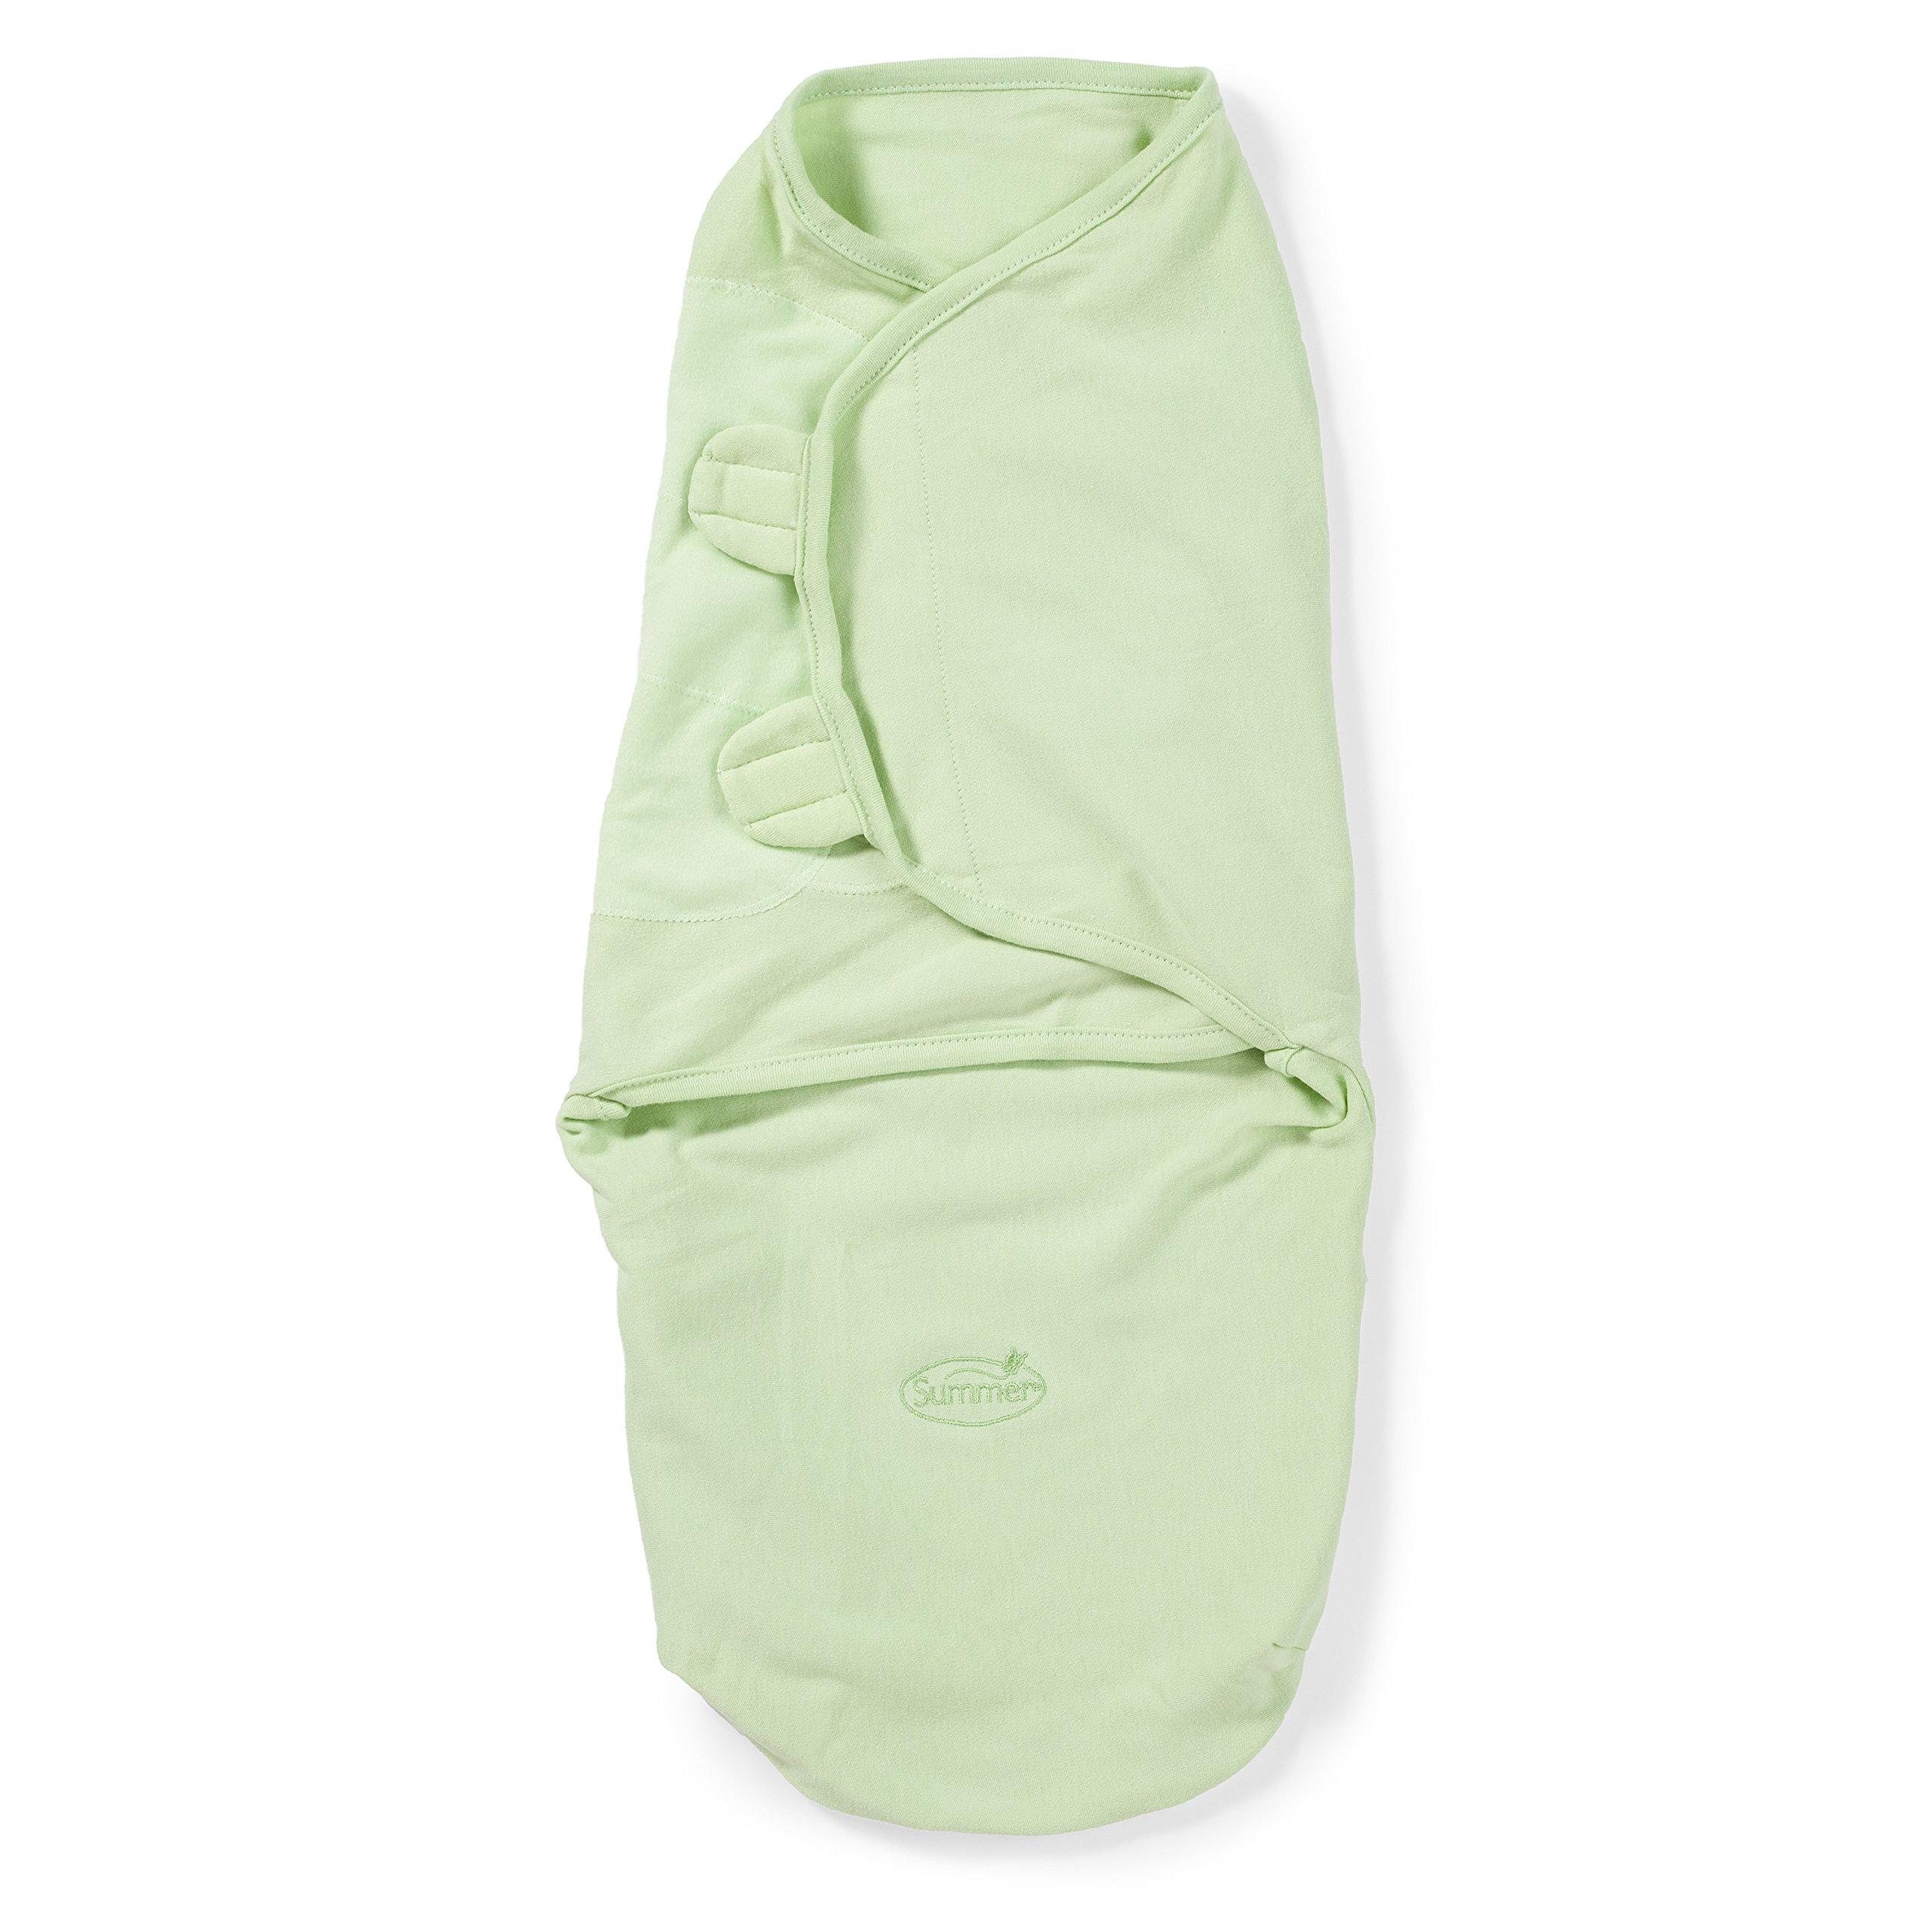 Summer Infant SwaddleMe Adjustable Infant Wrap, Sage, Large (Discontinued by Manufacturer)